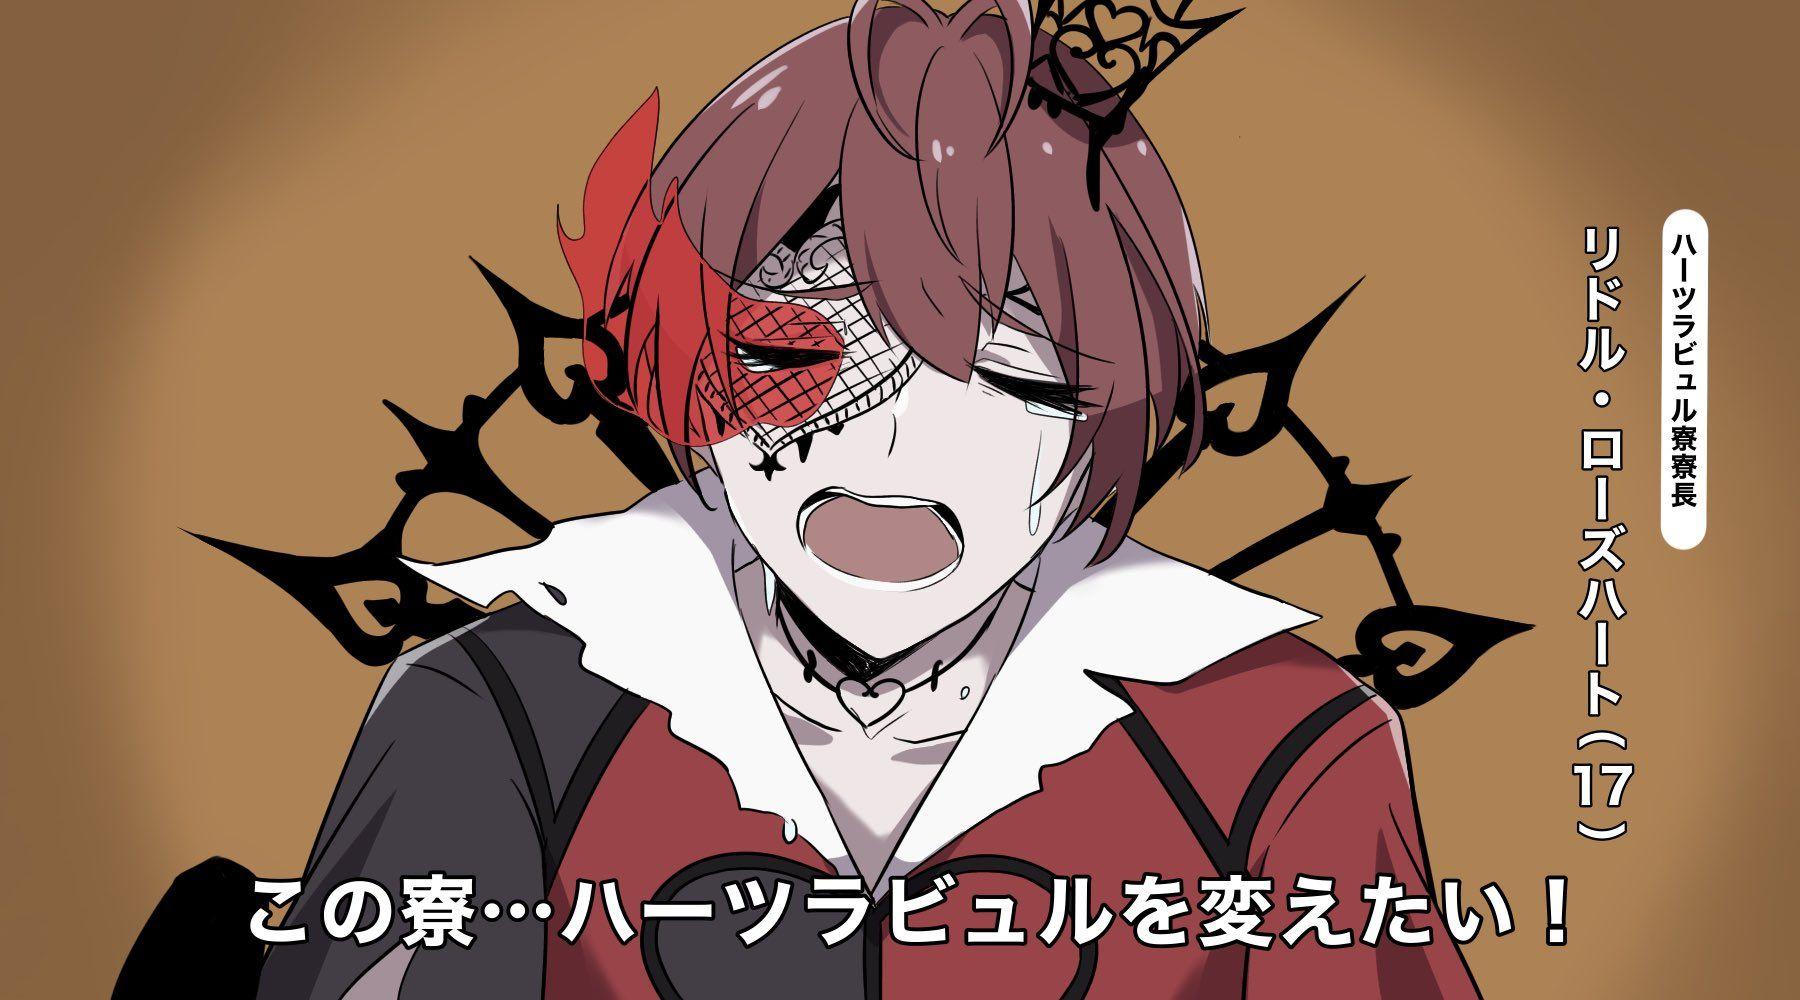 ひよこりあん on twitter ツイステファンアート オバブロ号泣会見 anime artwork pics